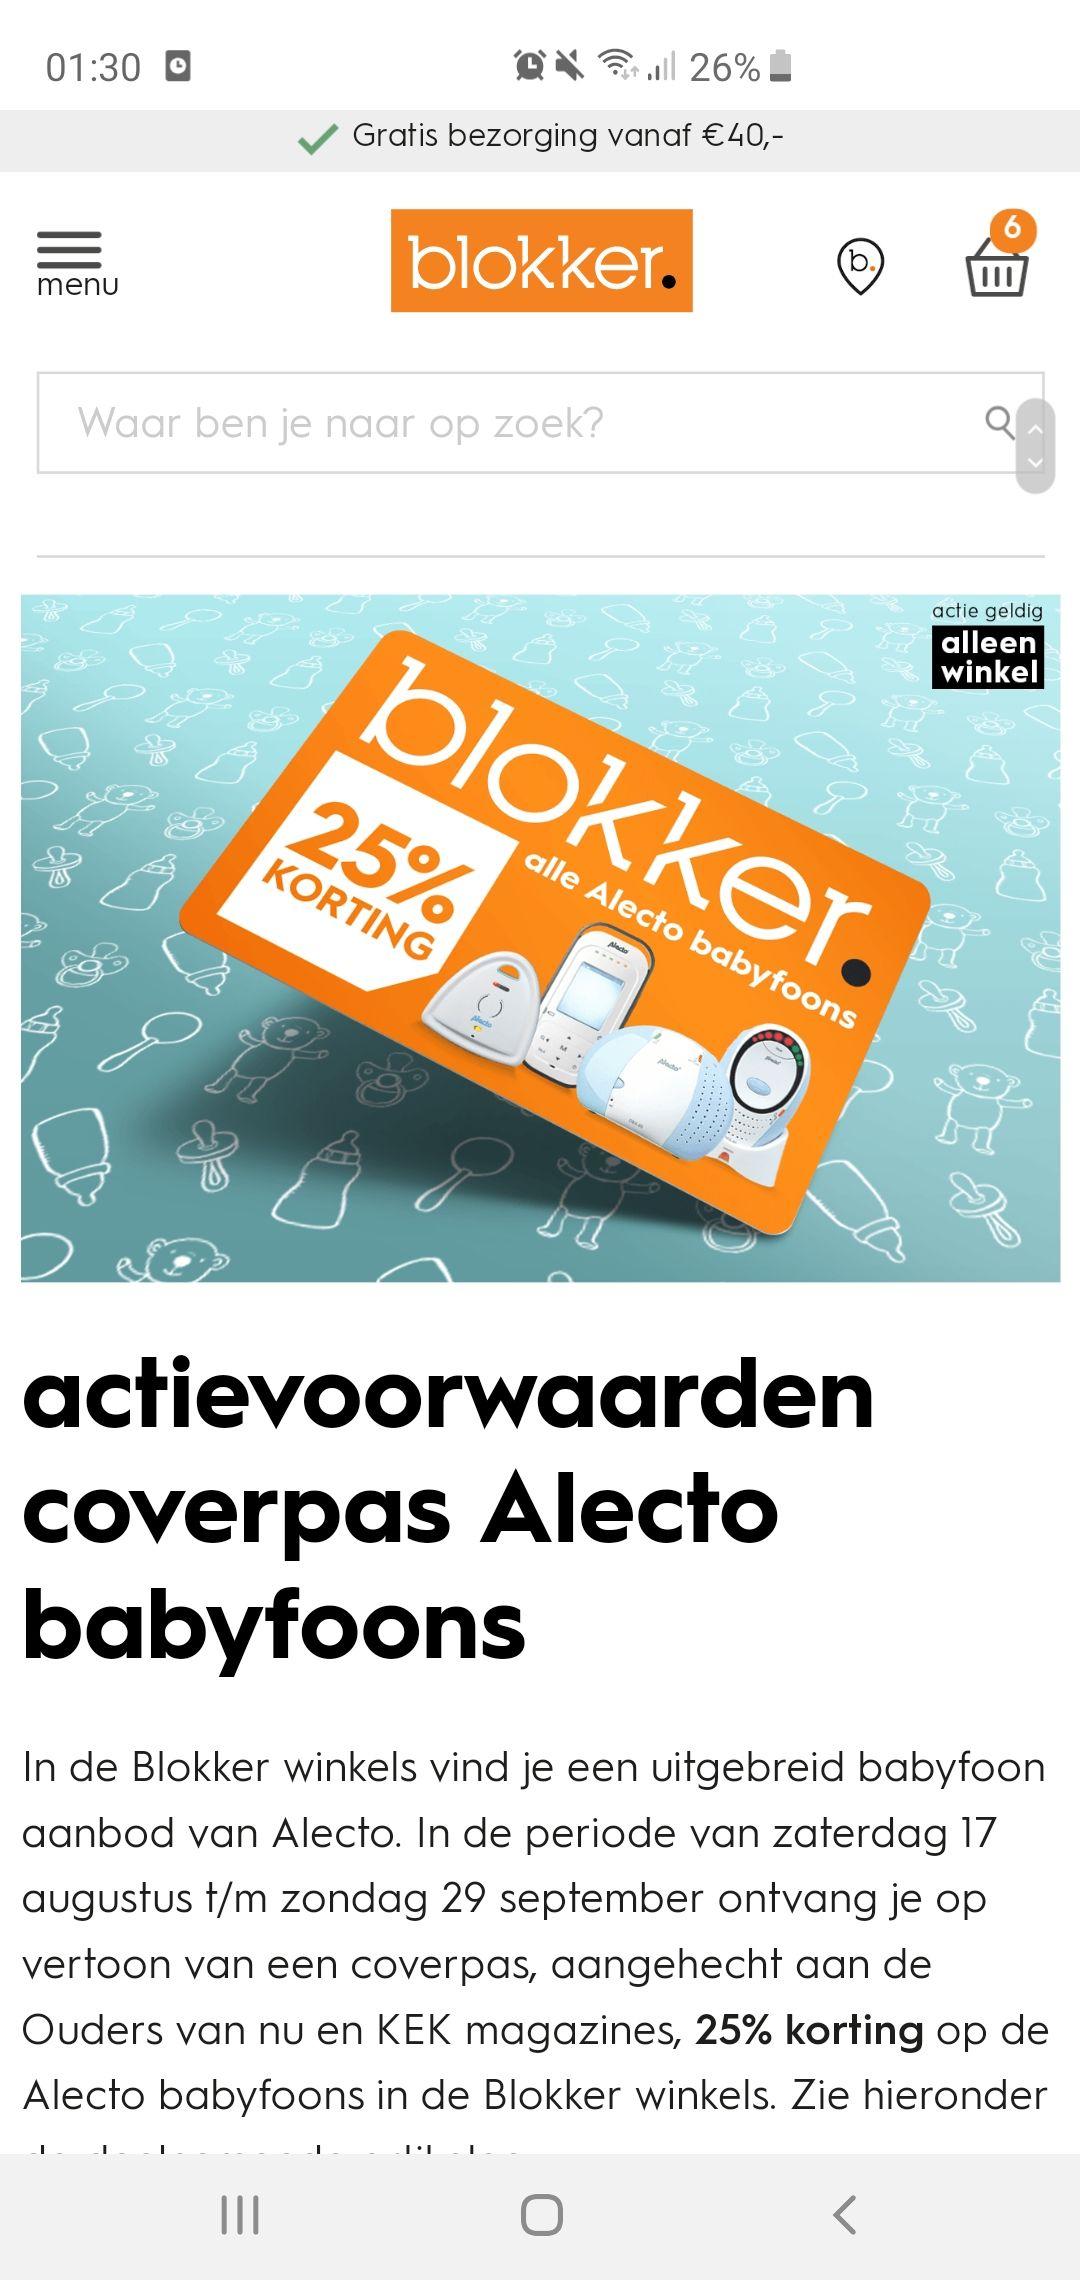 25% korting op Alecto babyfoons in Blokker winkels op vertoon van coverpas Ouders van Nu